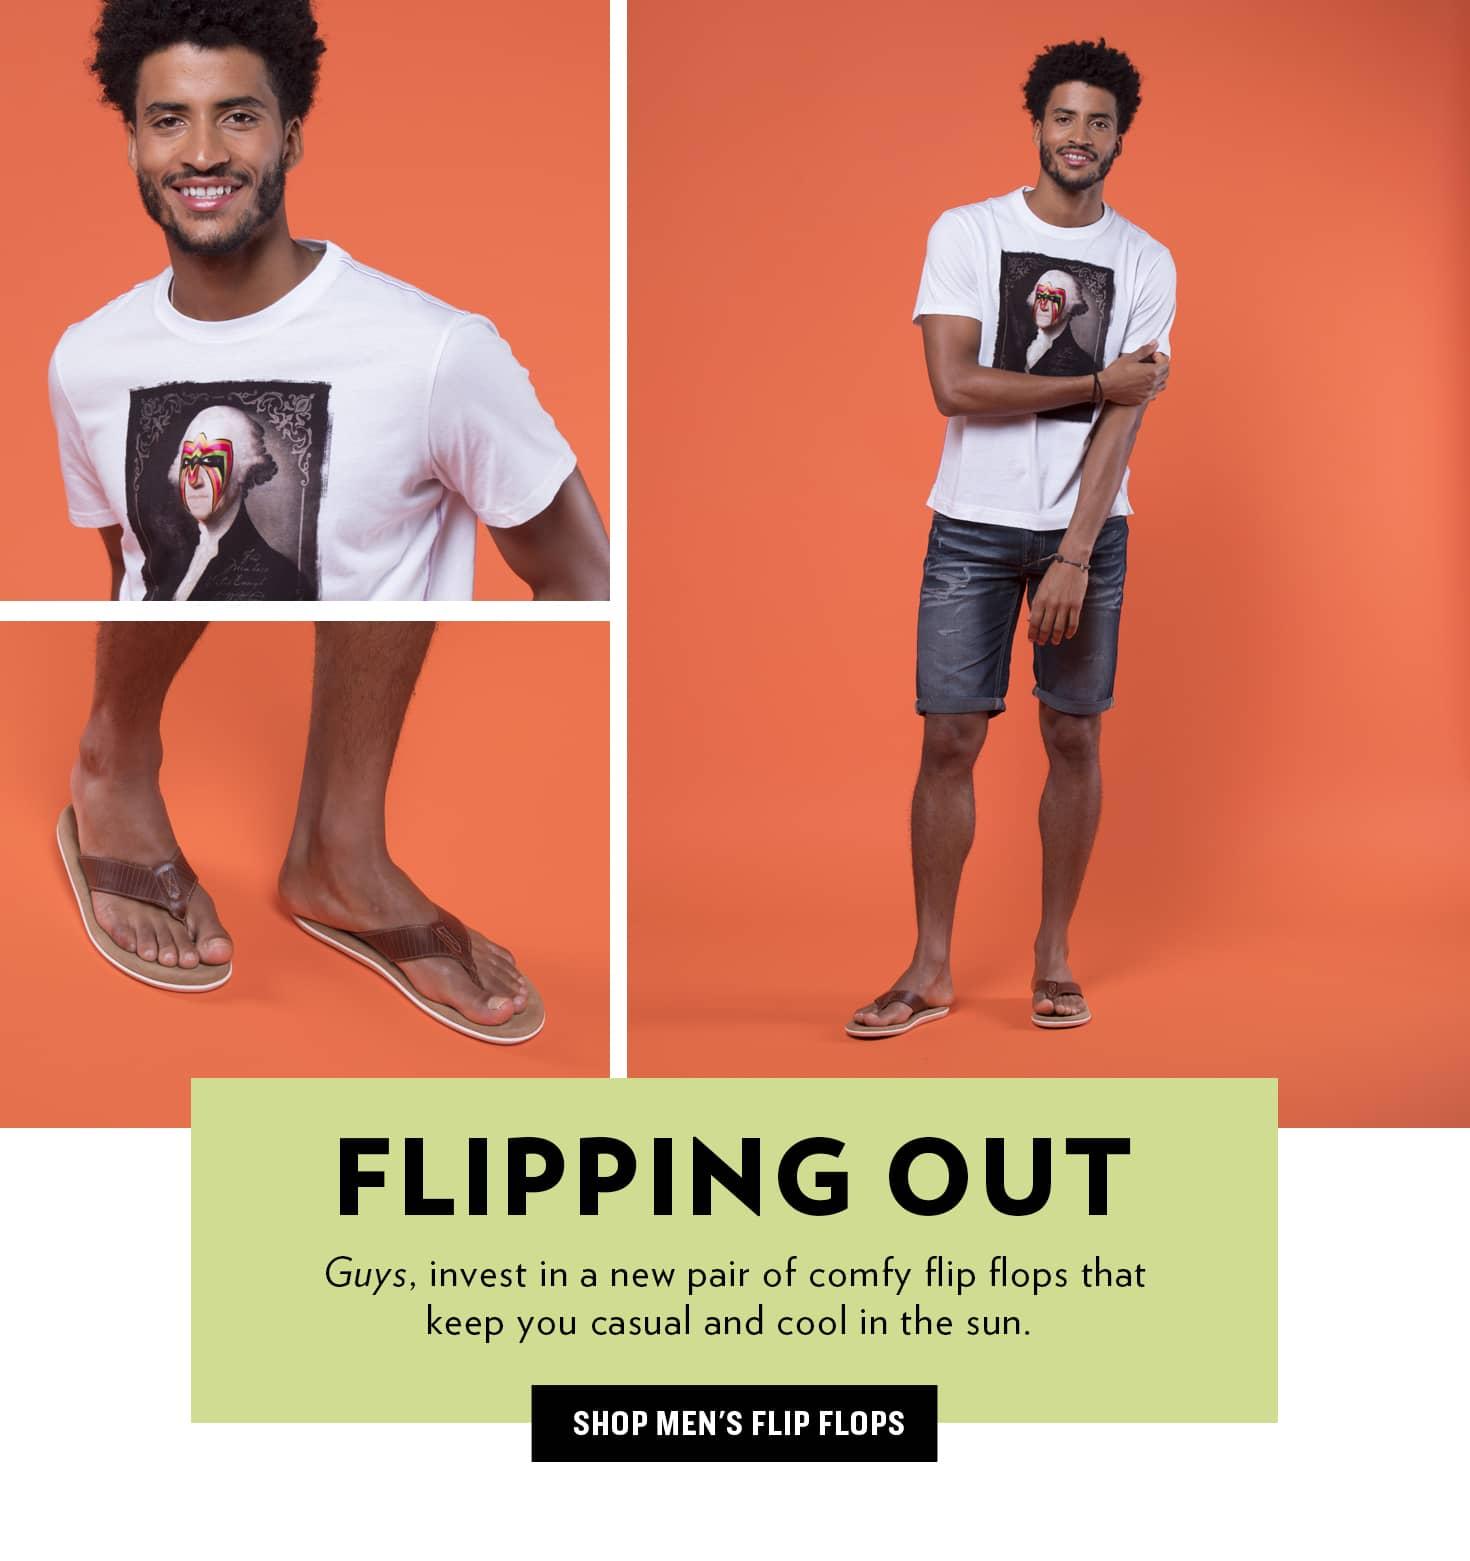 Shop Men's Flip Flips